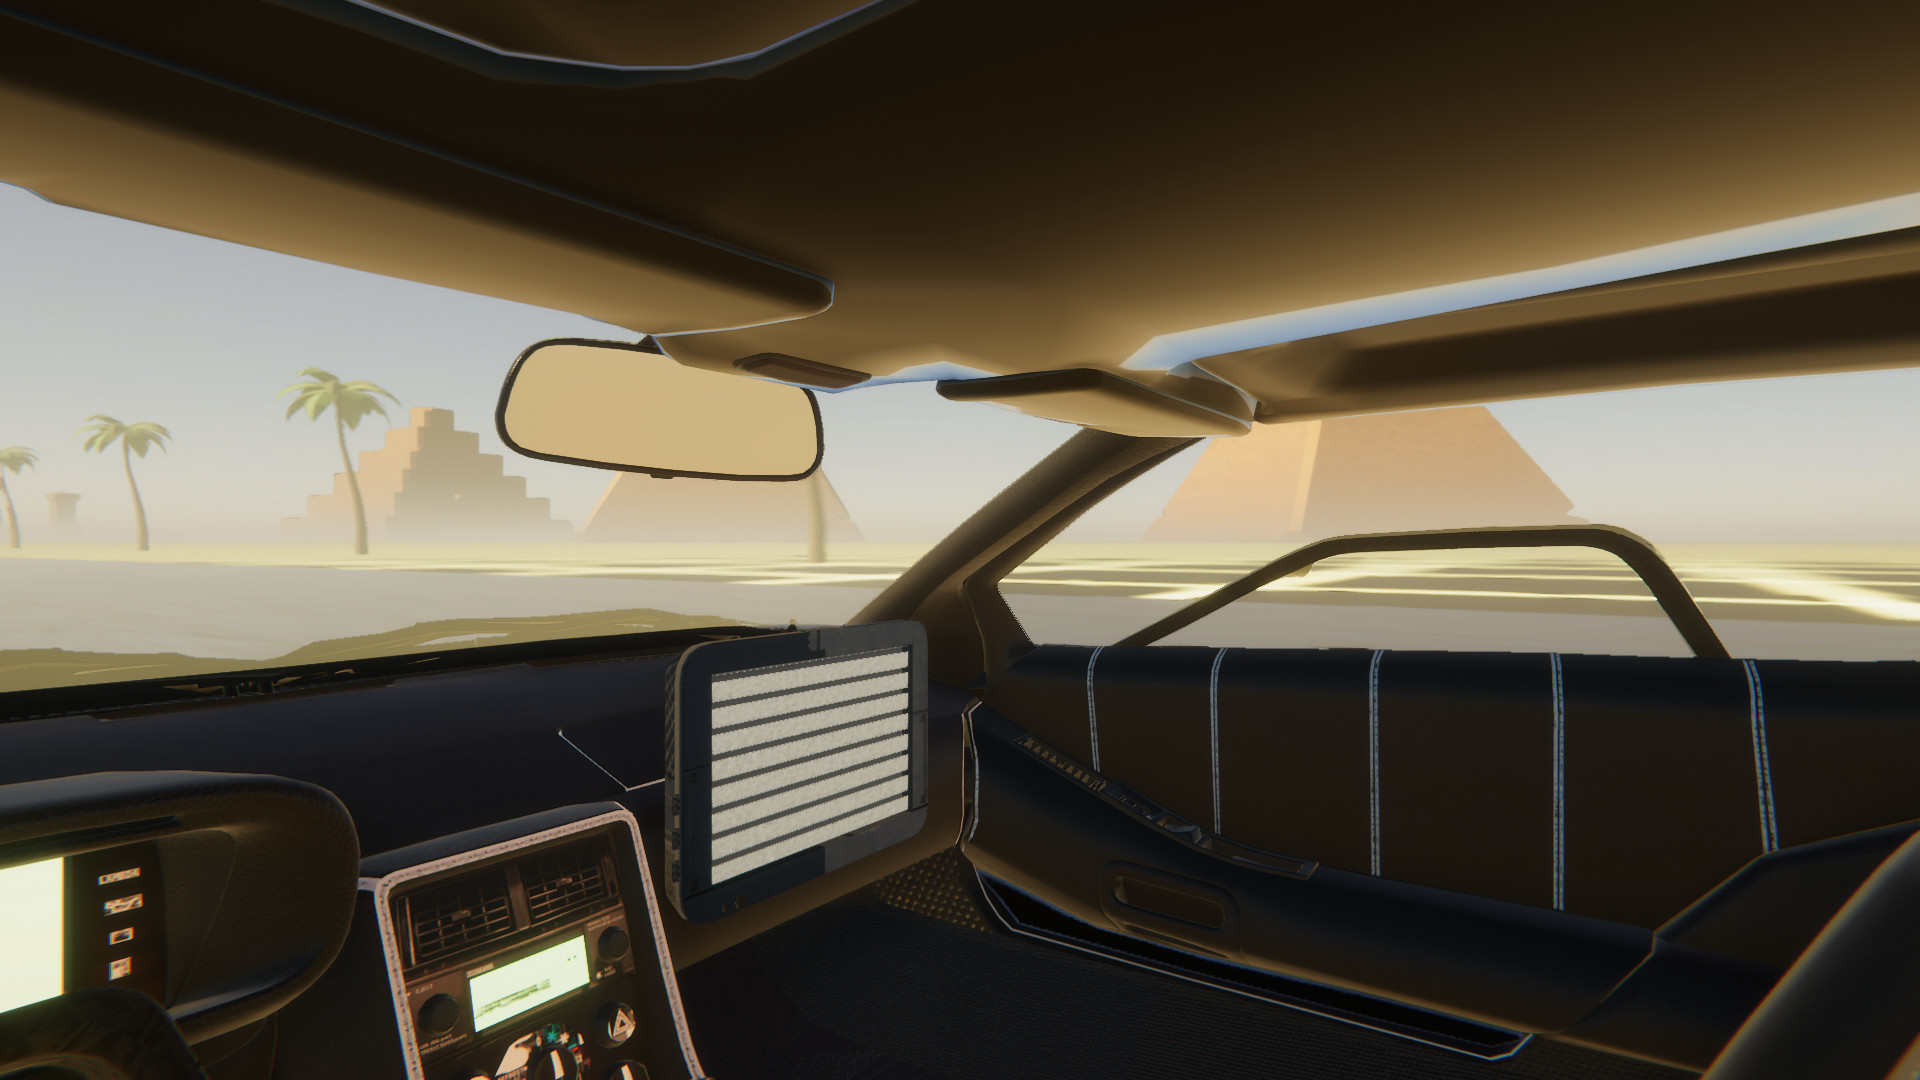 Vaporwave Road VR screenshot